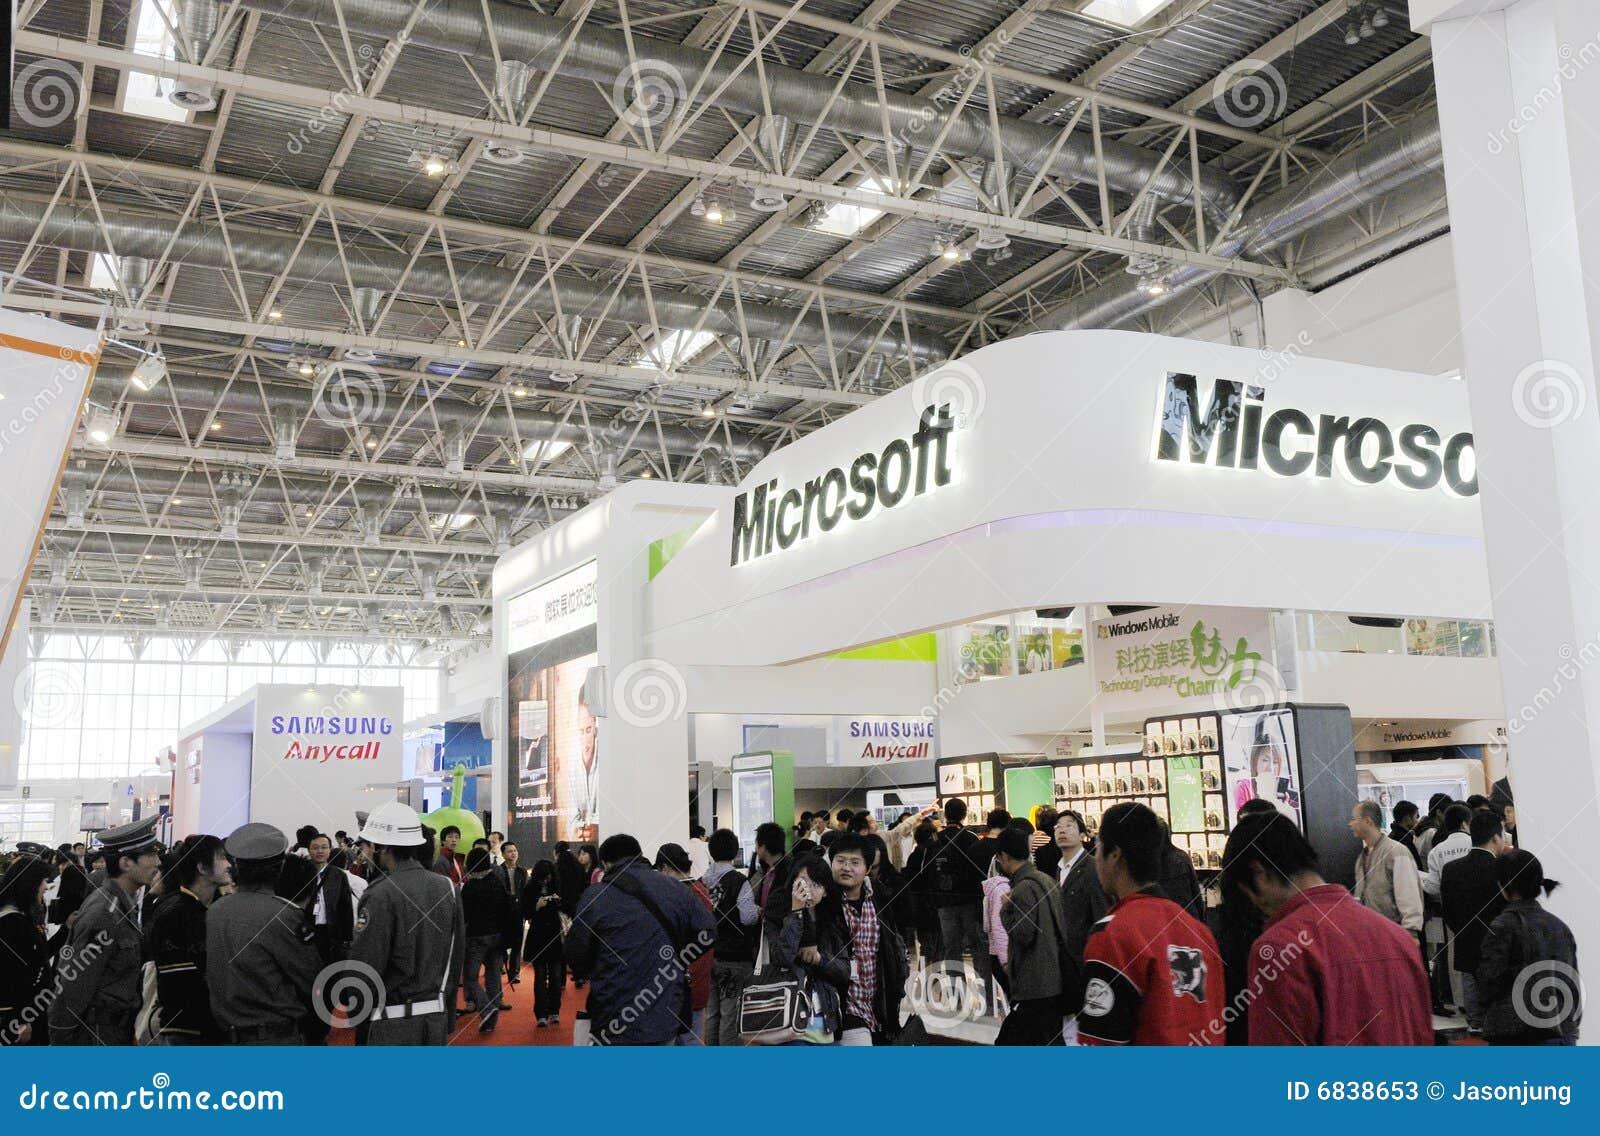 微软的陈列安排